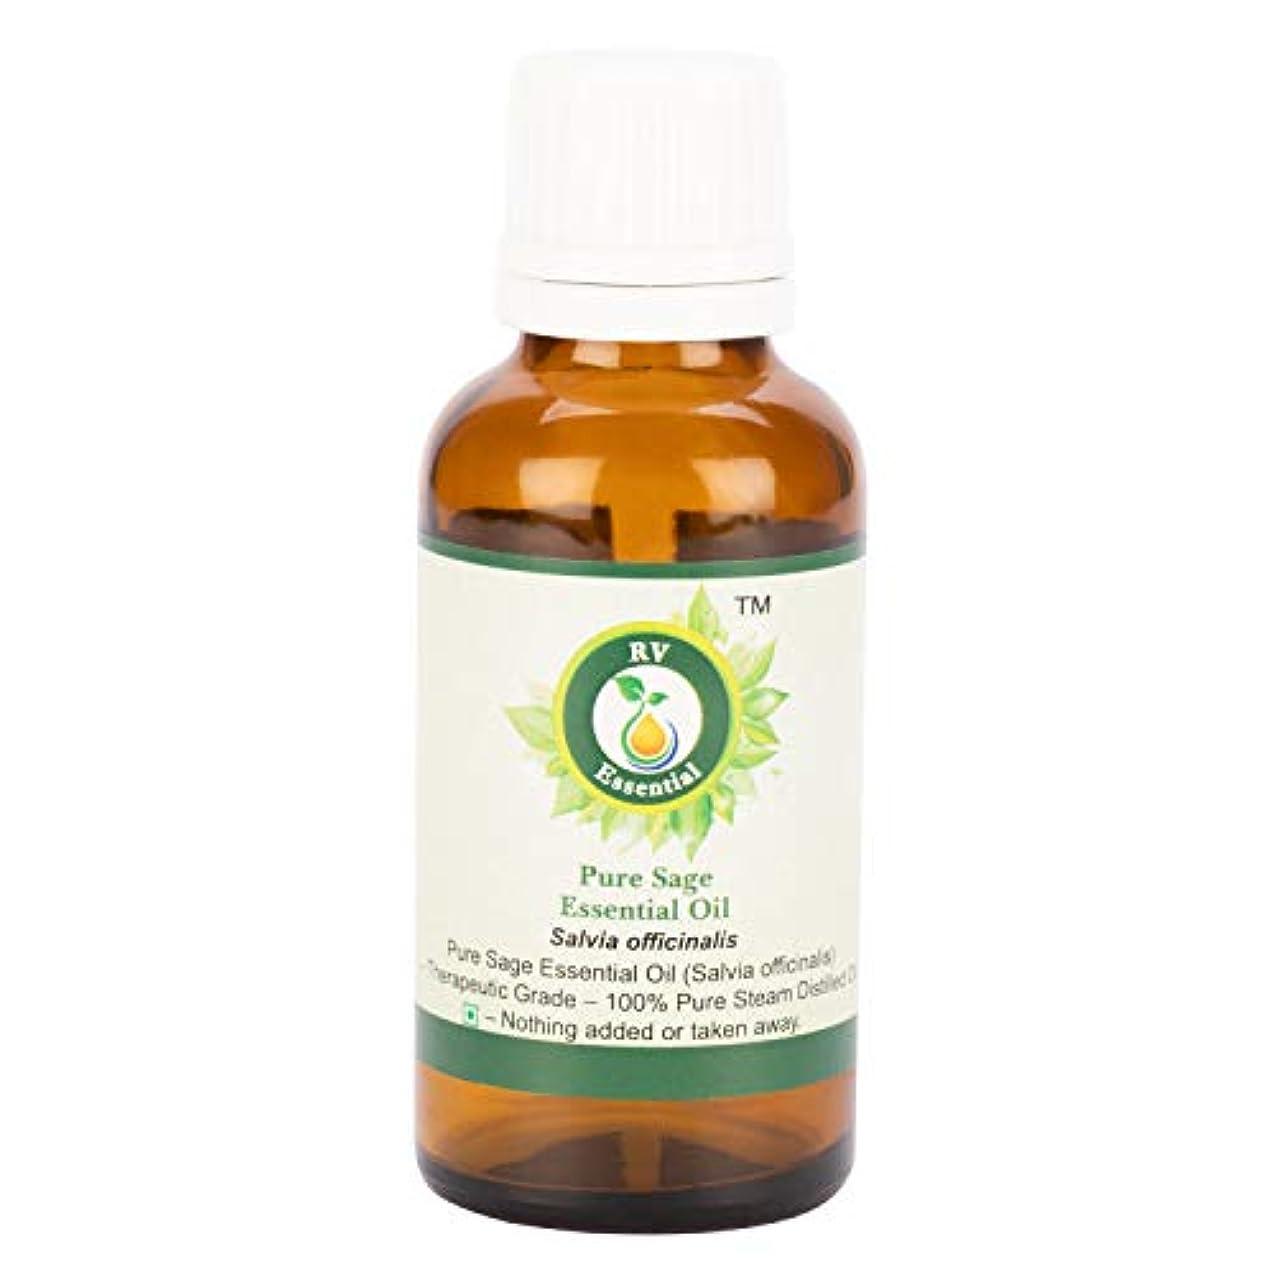 伴う科学者冗長ピュアセージエッセンシャルオイル100ml (3.38oz)- Salvia Officinalis (100%純粋&天然スチームDistilled) Pure Sage Essential Oil